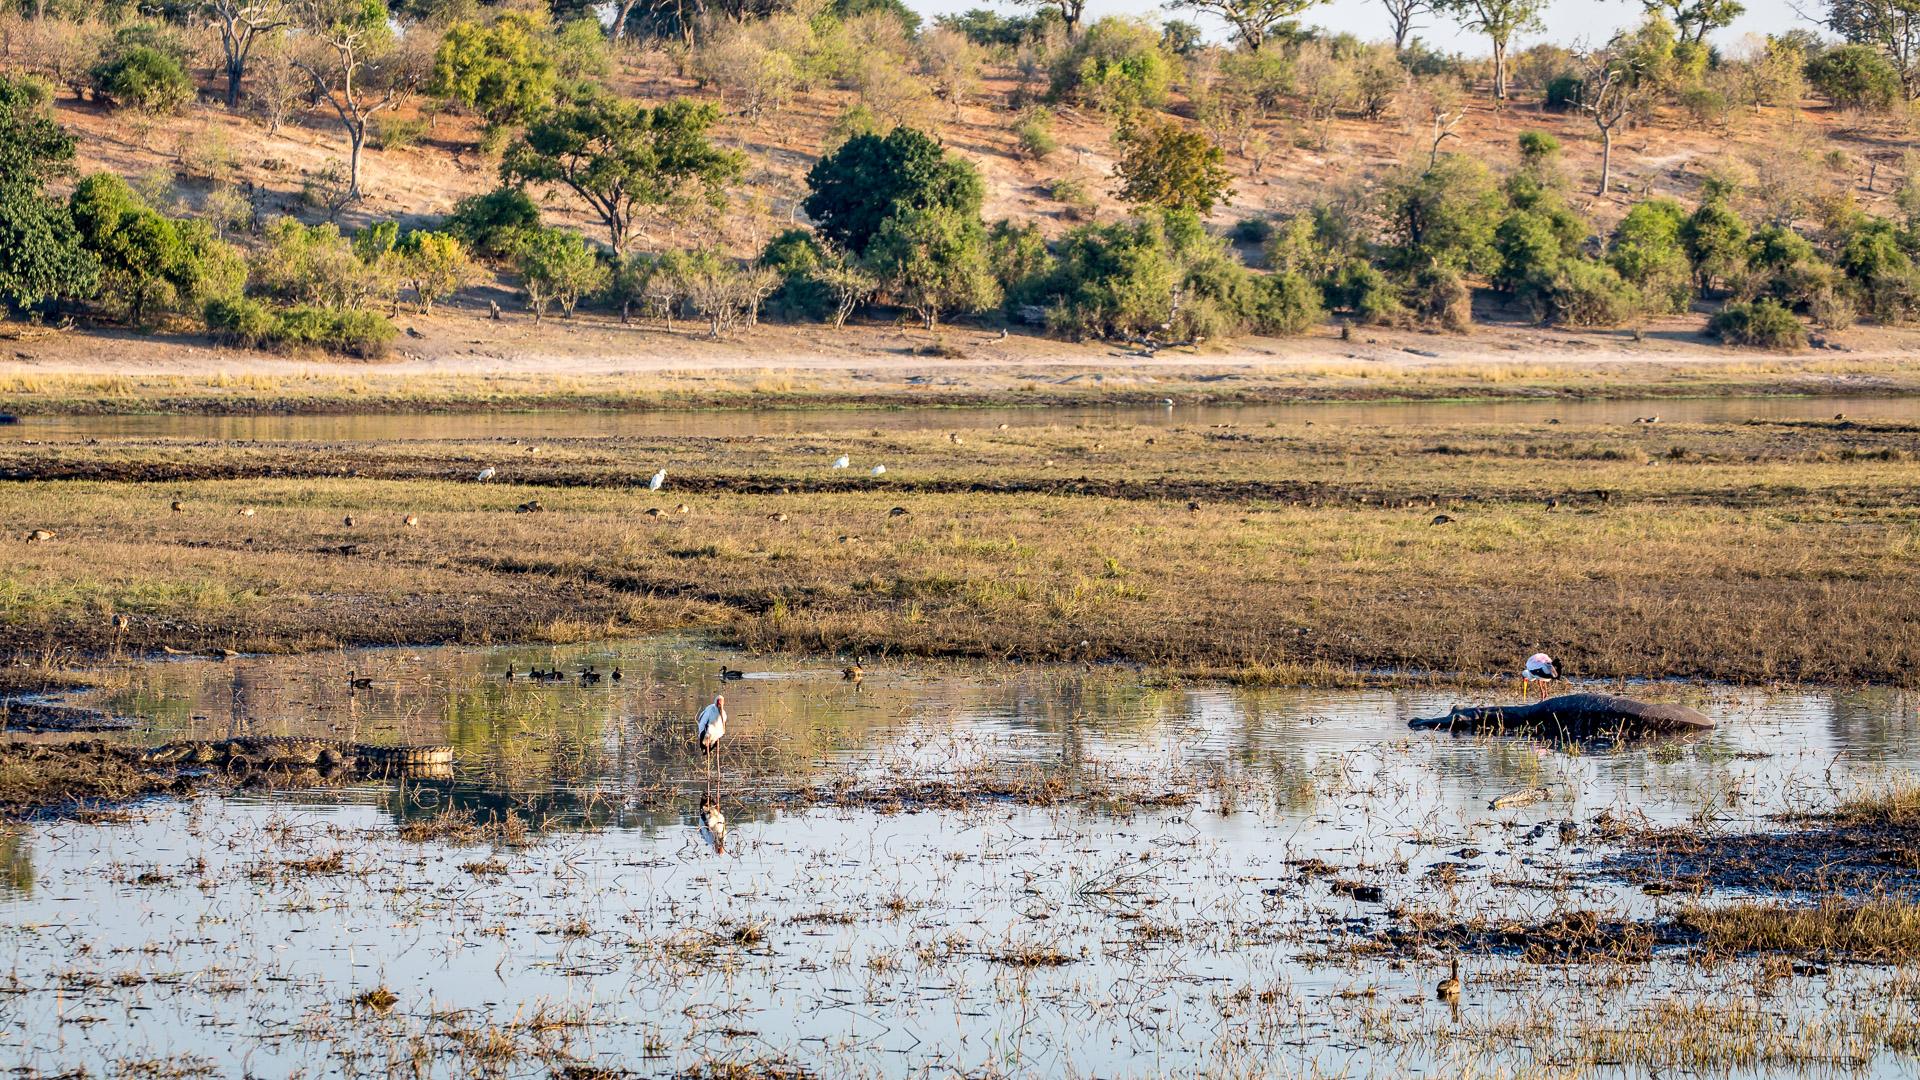 Hippo, Krokodil, Storch, Marabu einträchtig beisammen.